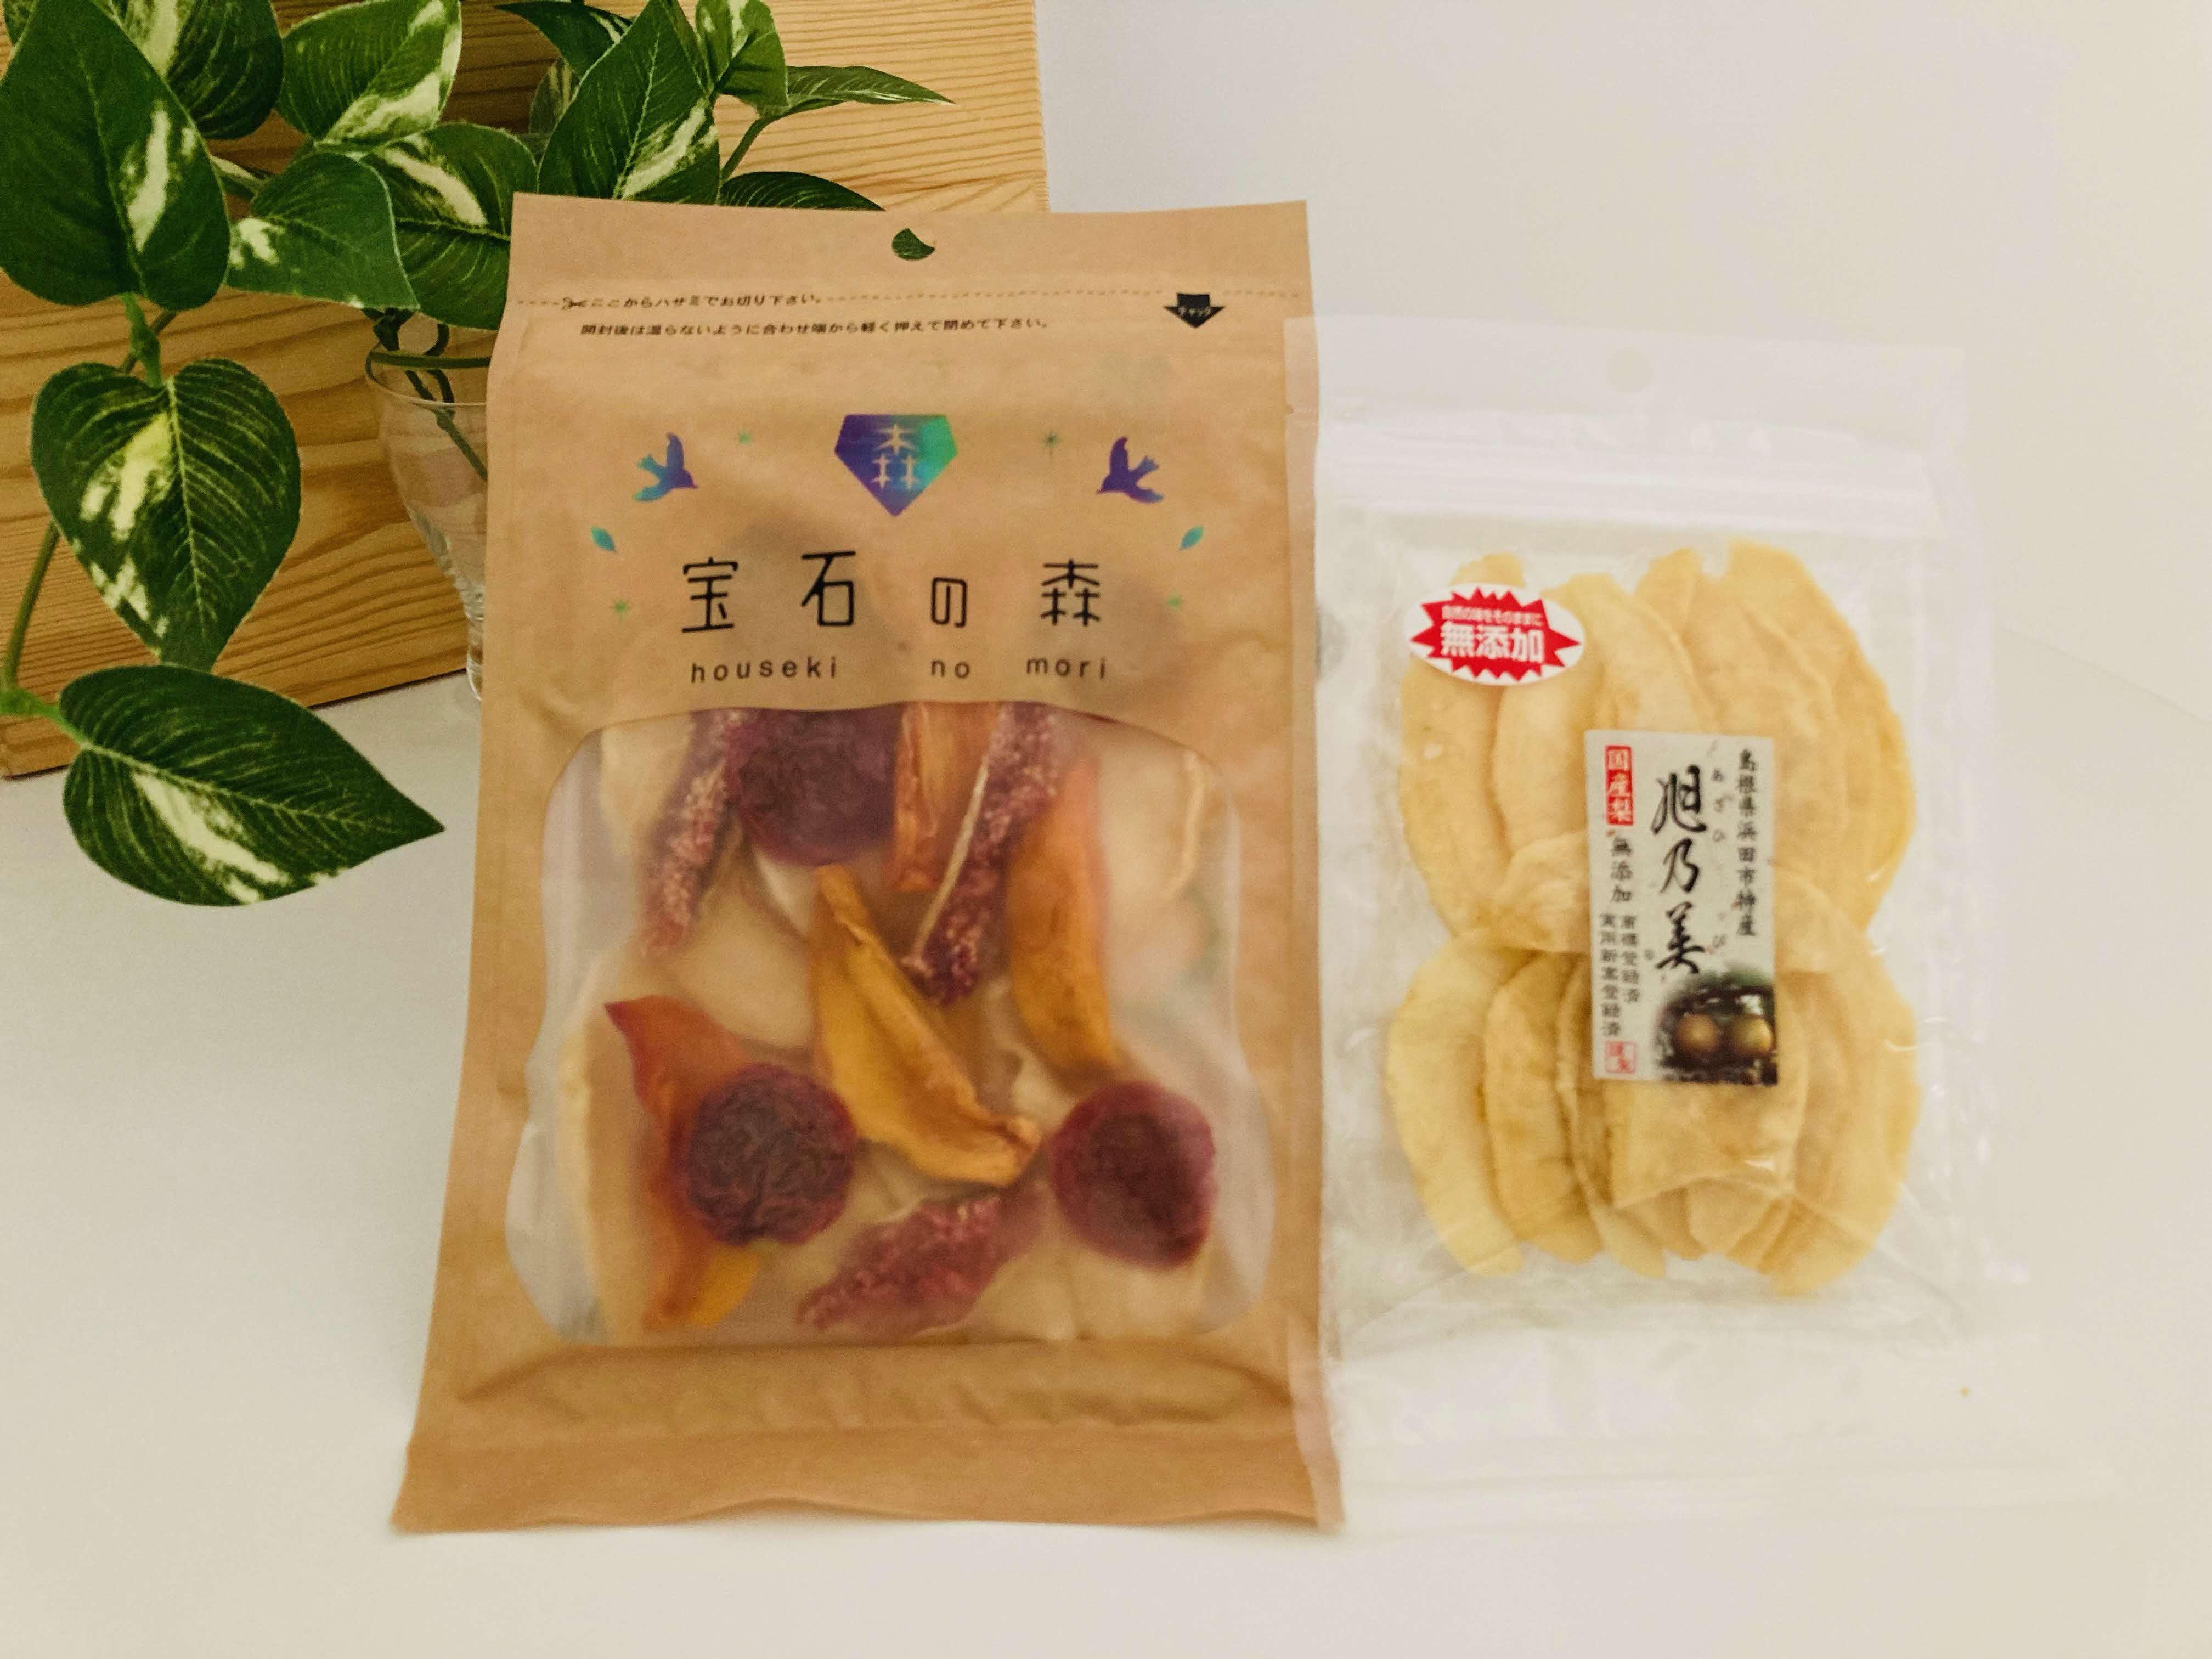 浜田市特産の西条柿・梨・いちじくを使ったドライミックスとカット干し梨